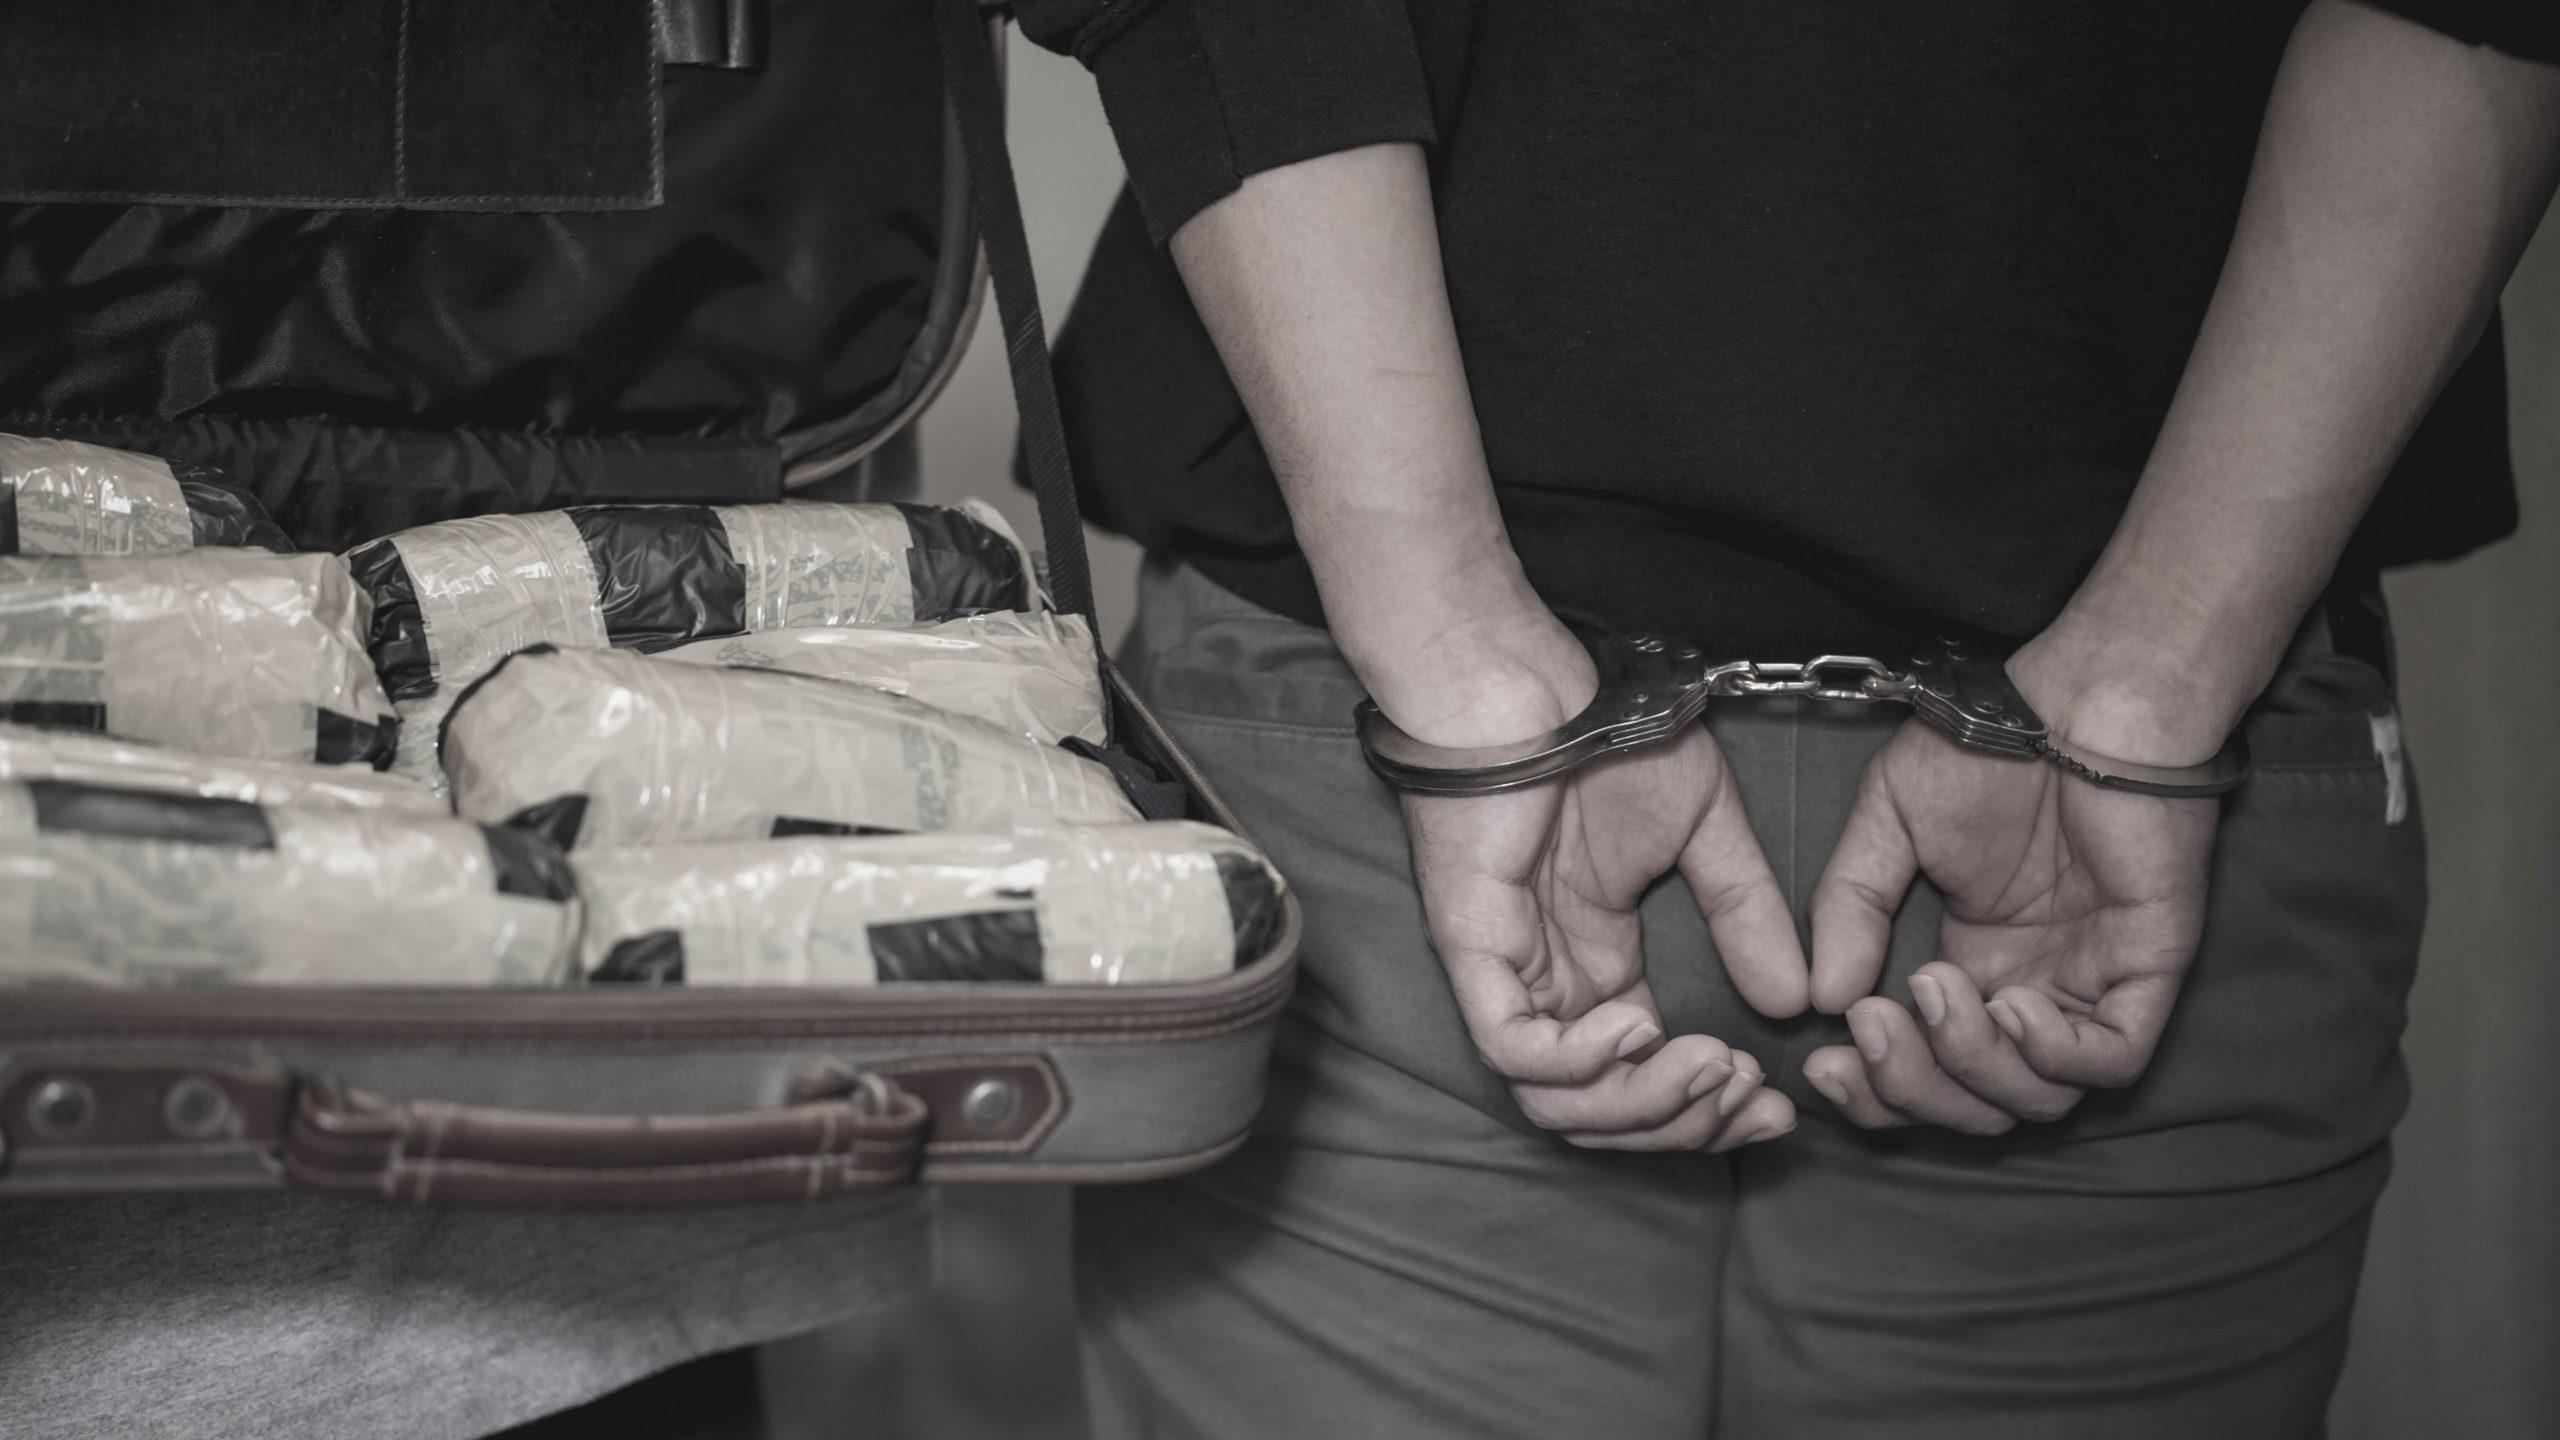 Police arrest drug trafficker with handcuffs. [Shutterstock]